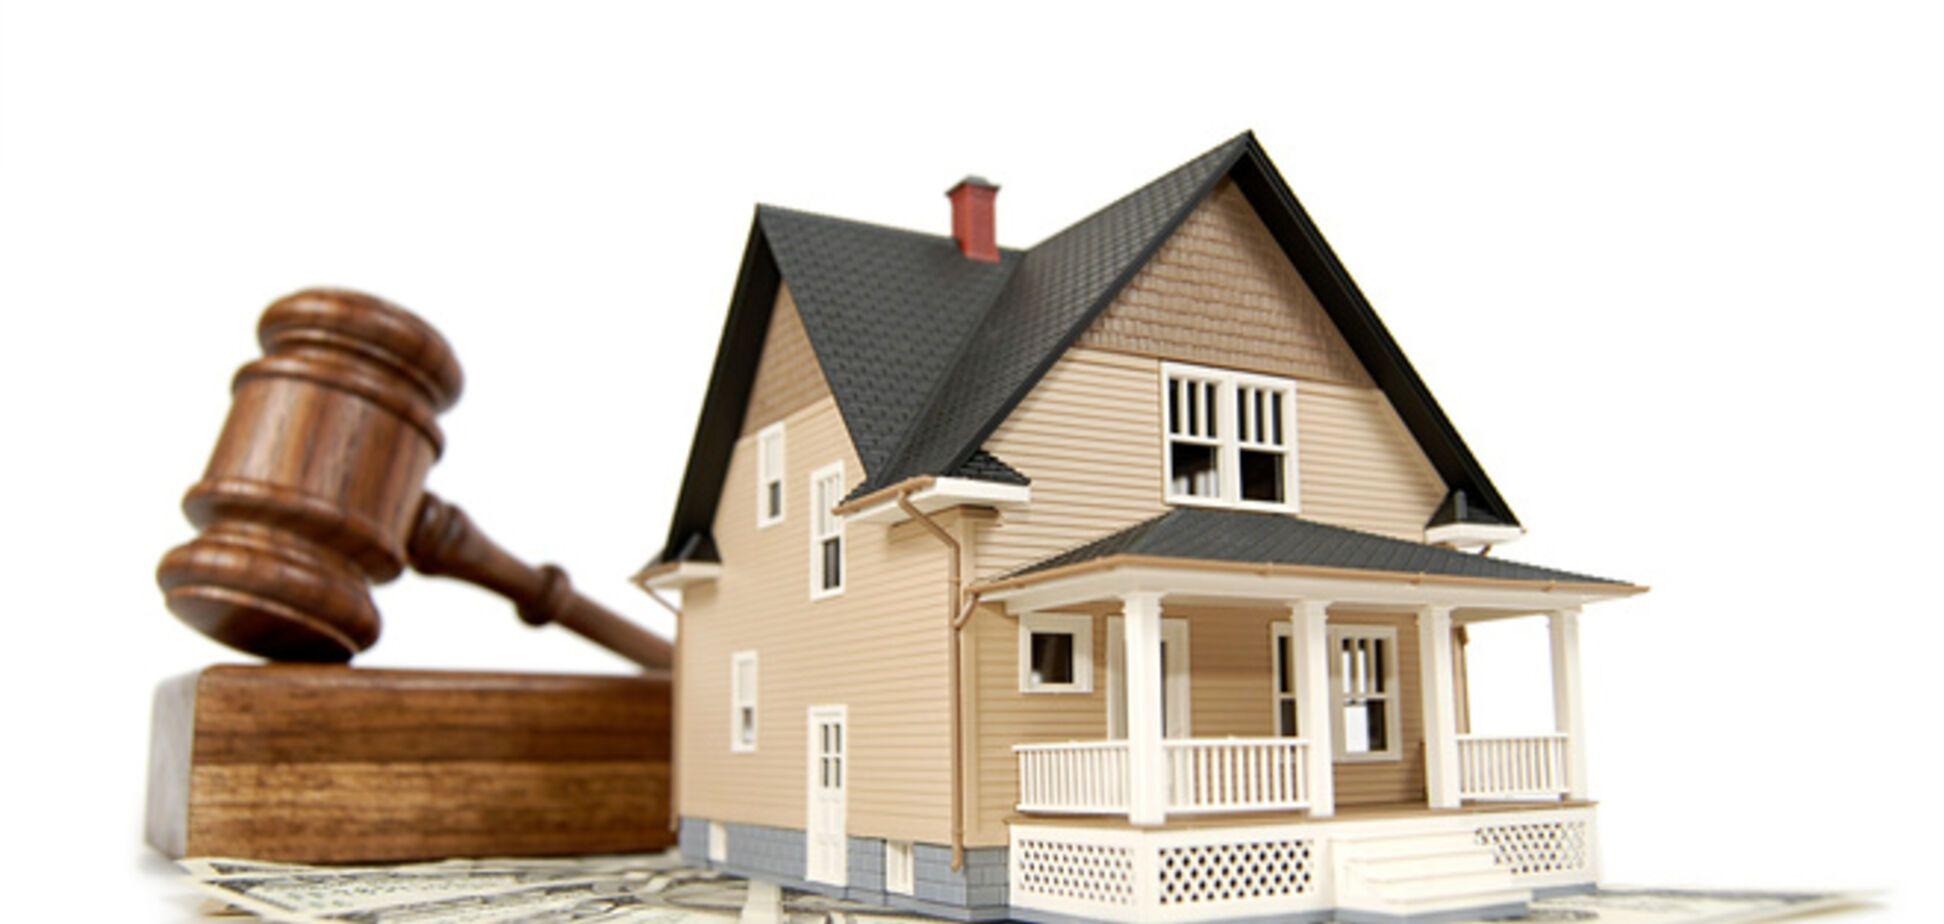 Доступ к реестру недвижимости стал свободным для всех украинцев